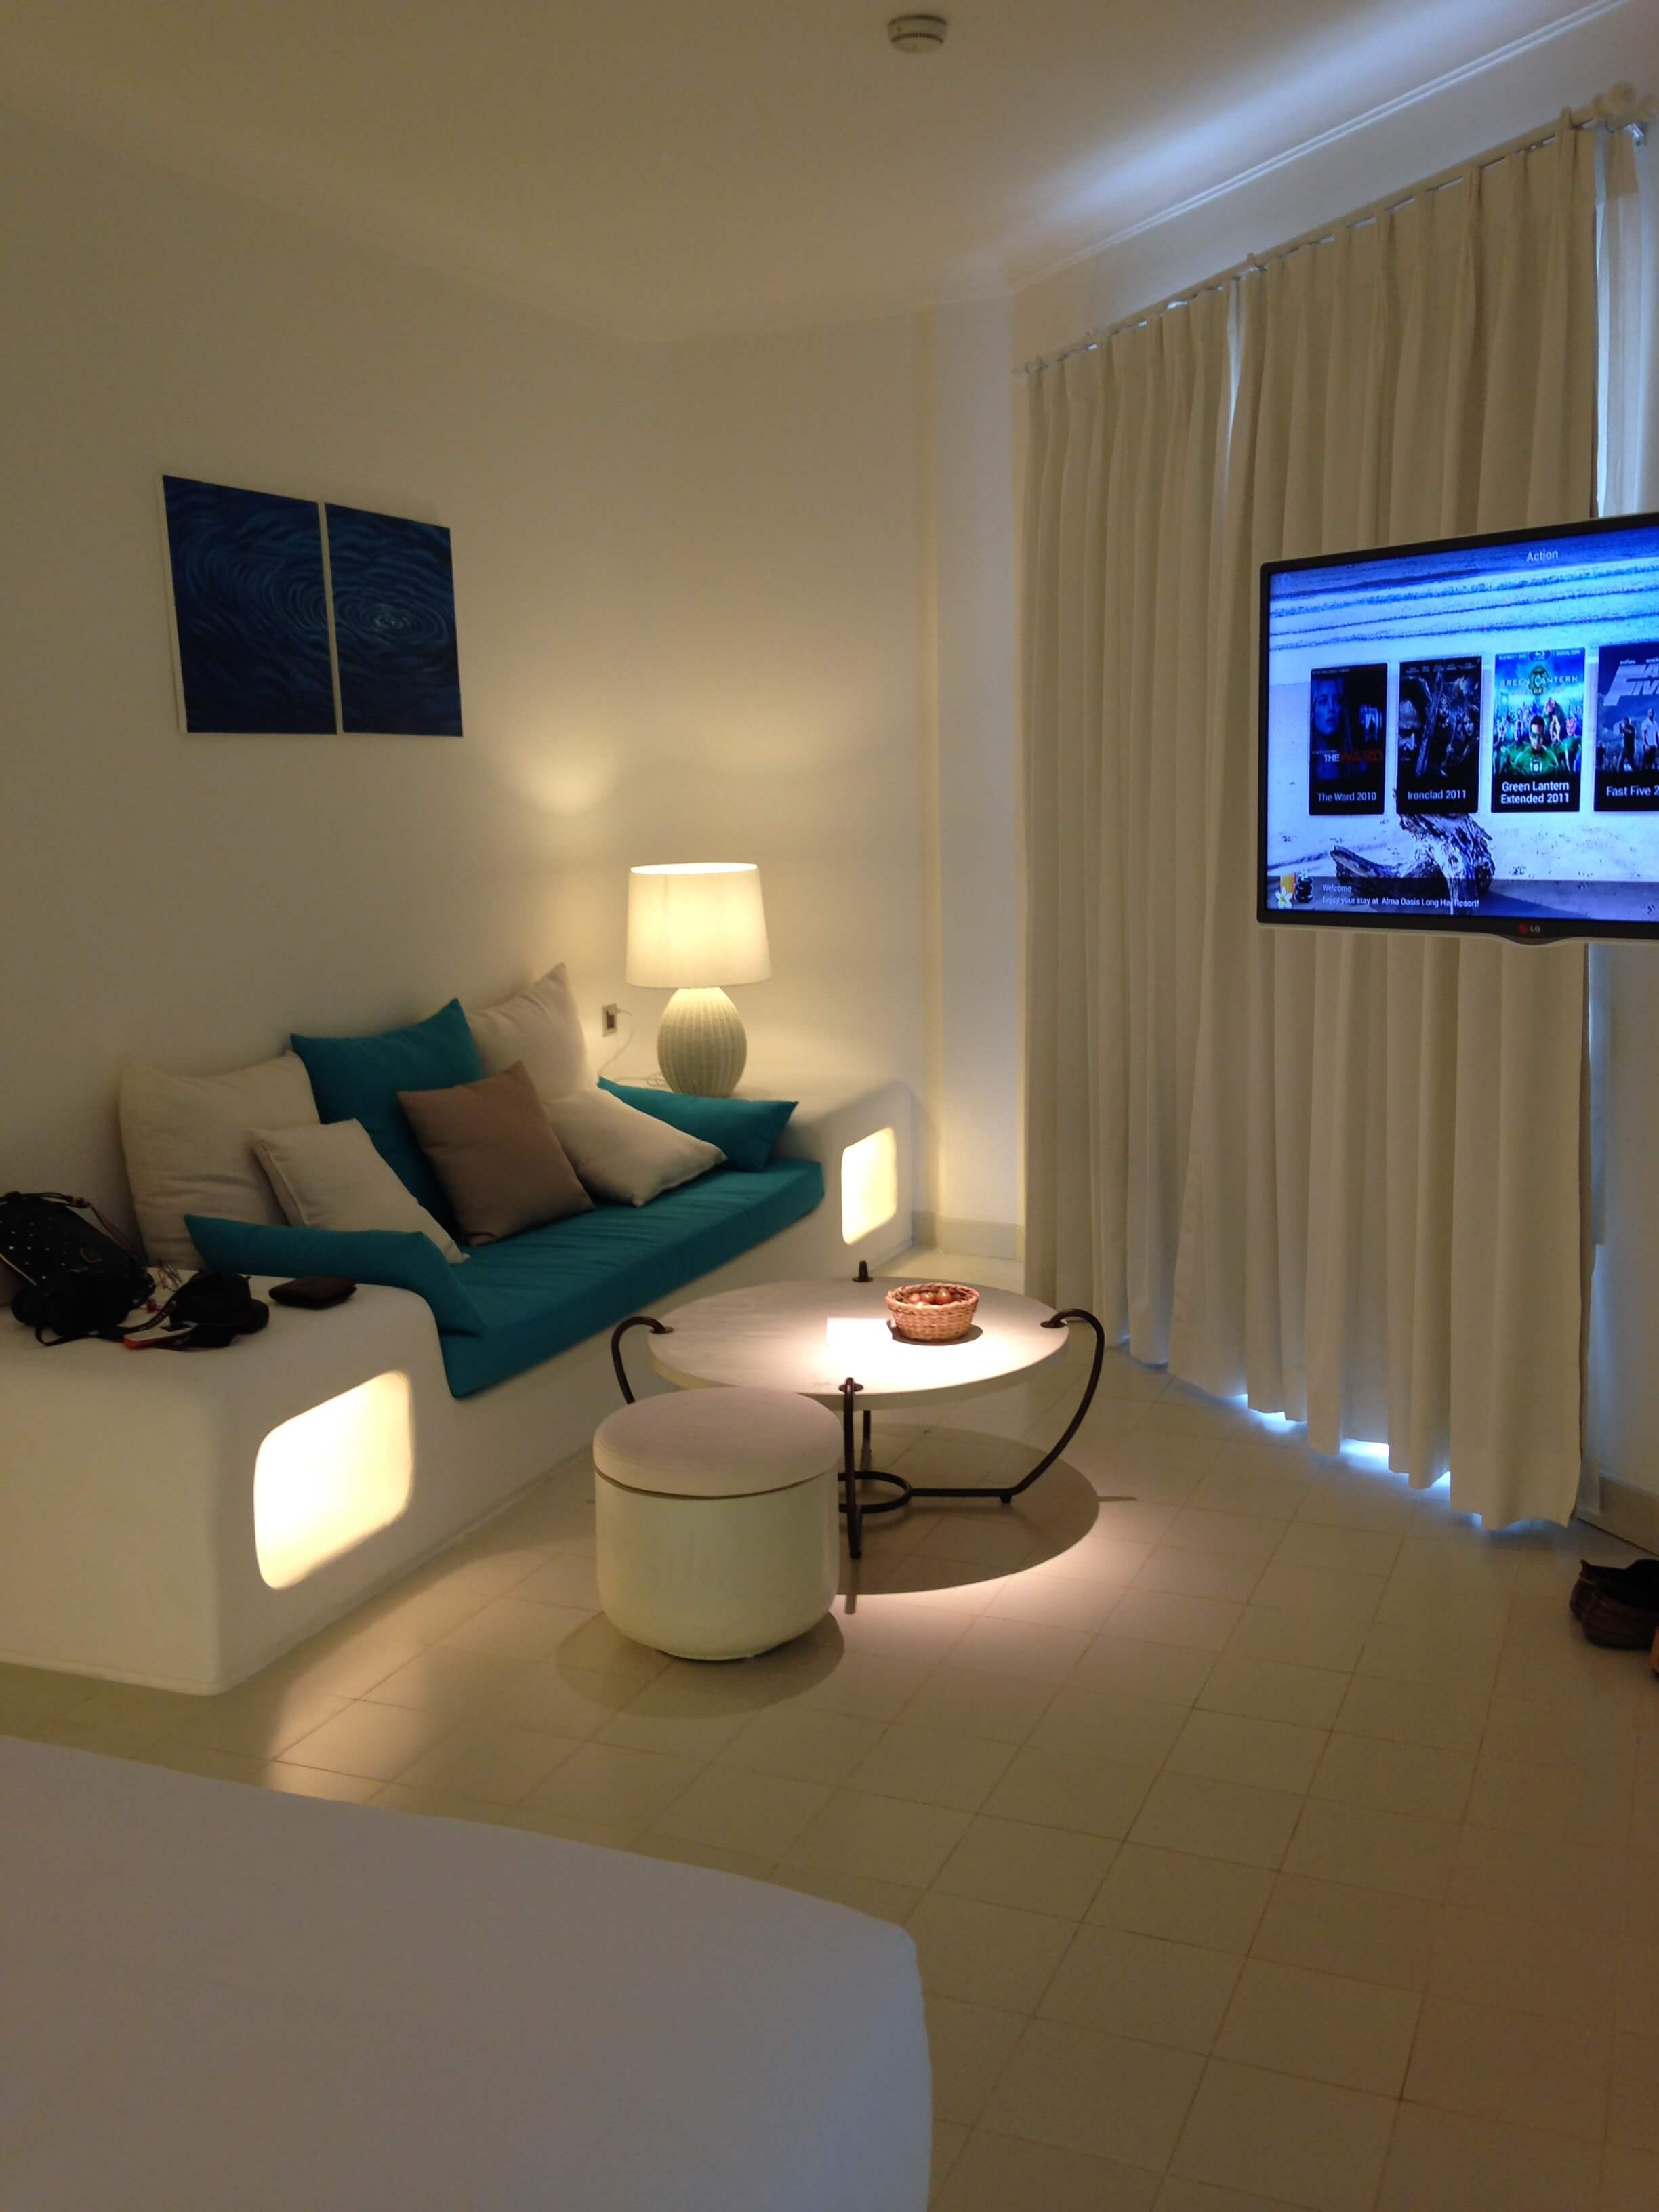 Đèn bàn nhỏ được thiết kế cạnh sofa của Đèn Xinh đã giúp cho không gian Alma Long Hải trở nên sinh động, thu hút